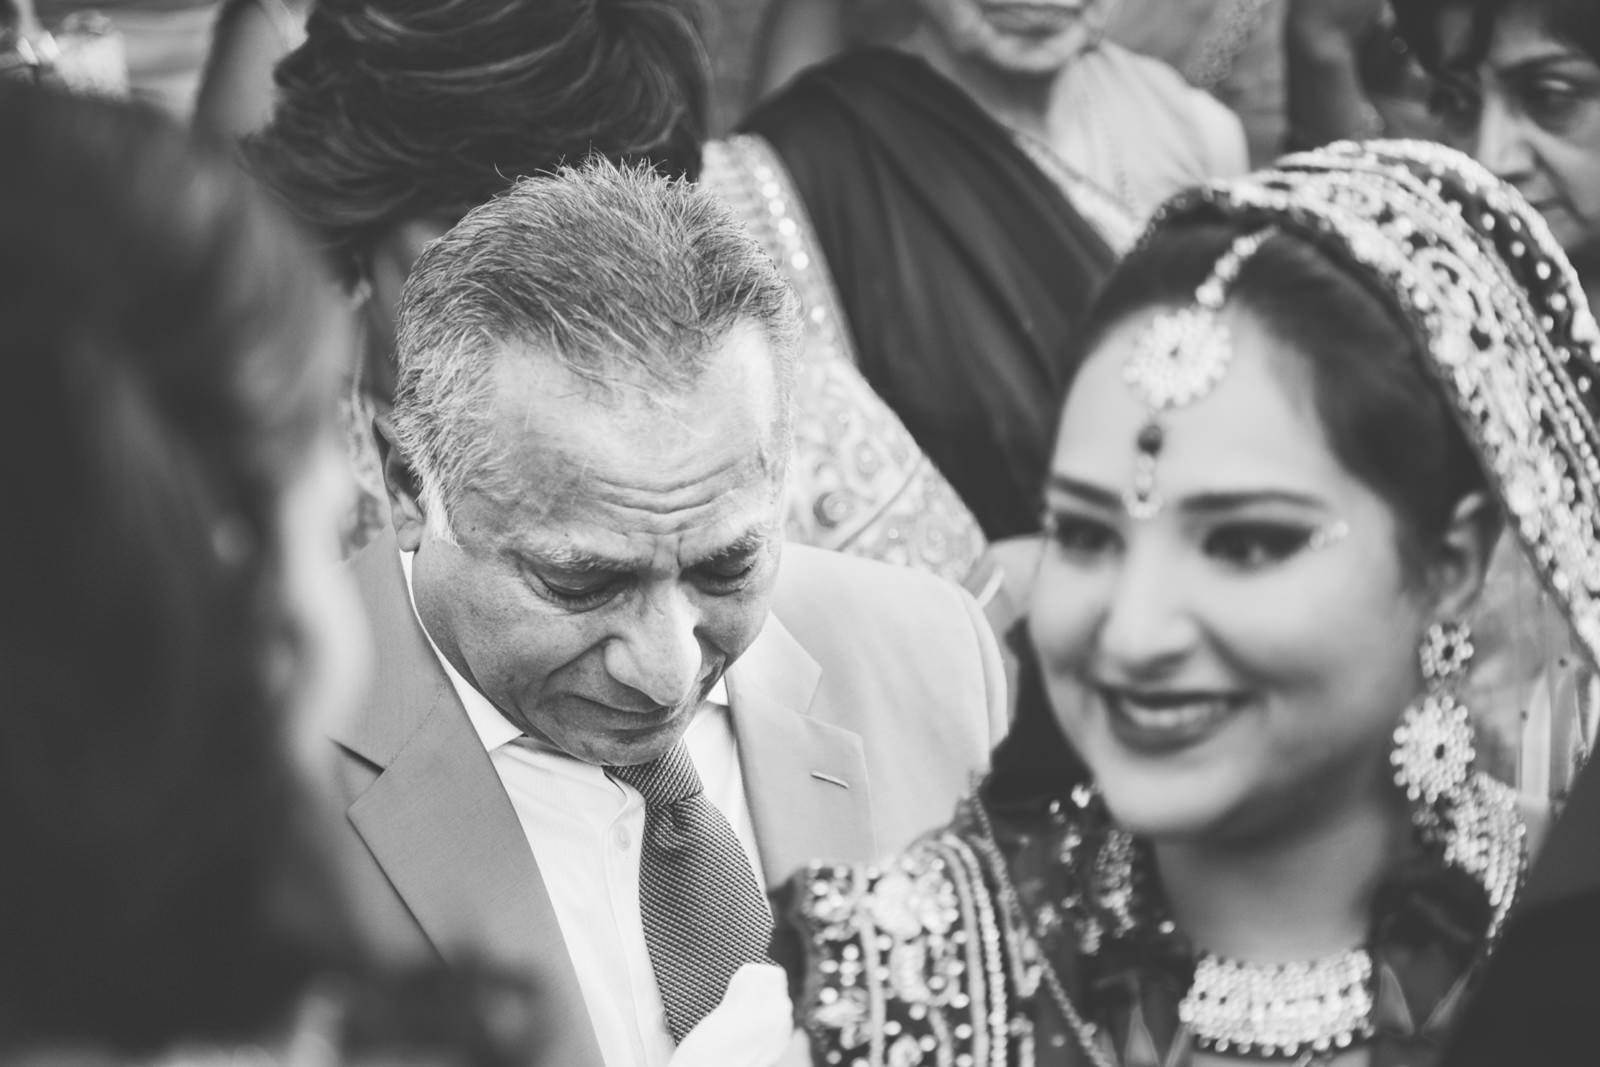 umhlanga westville wedding photography rbadal gujerati hindu wedding emotional father